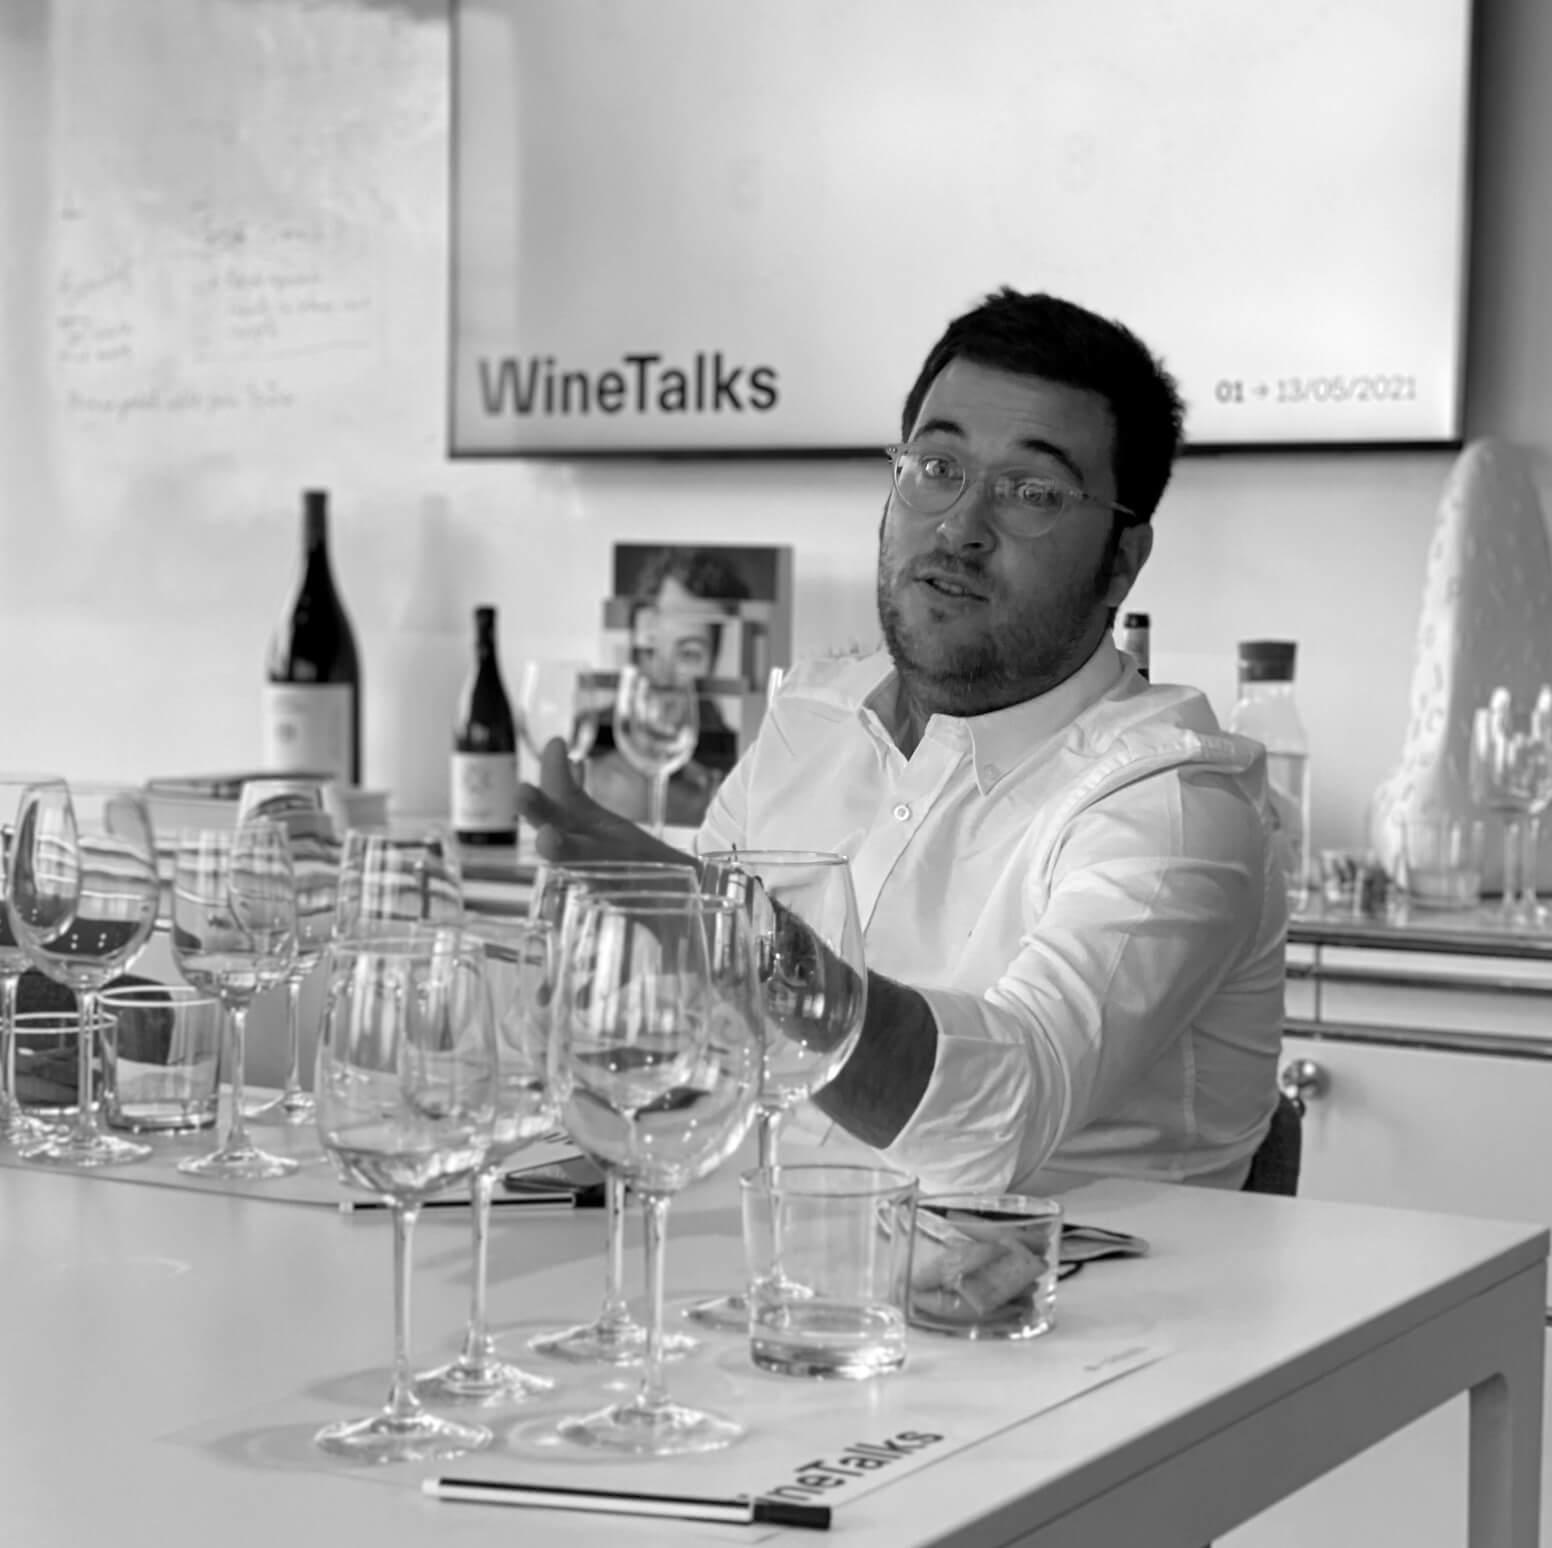 WineTalks 01 25